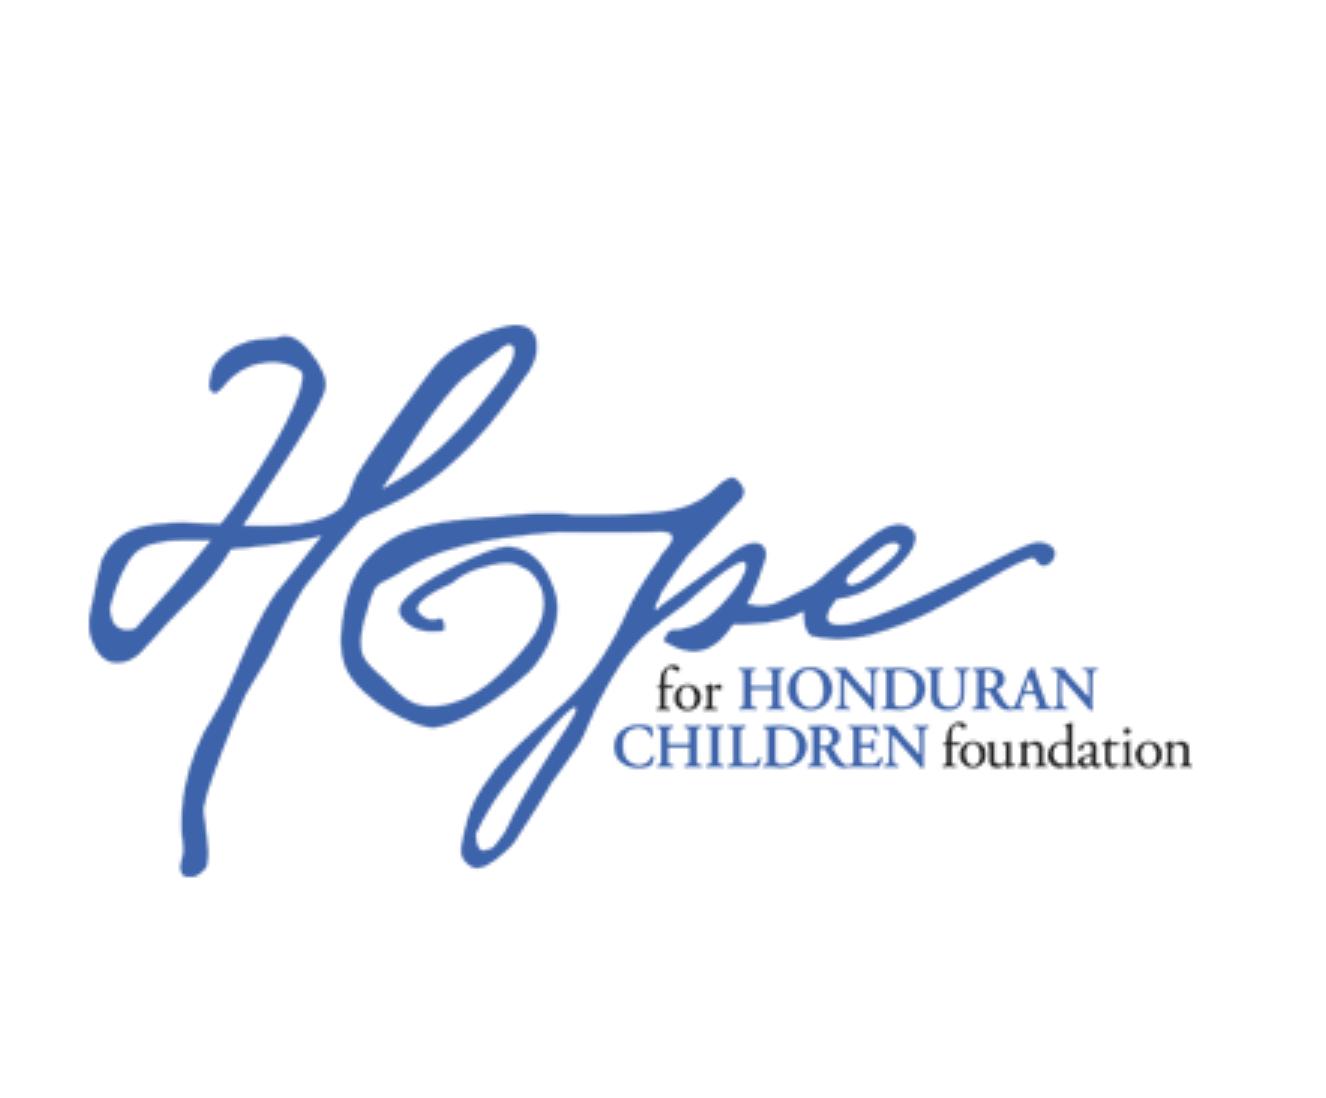 Hope for Honduran Children